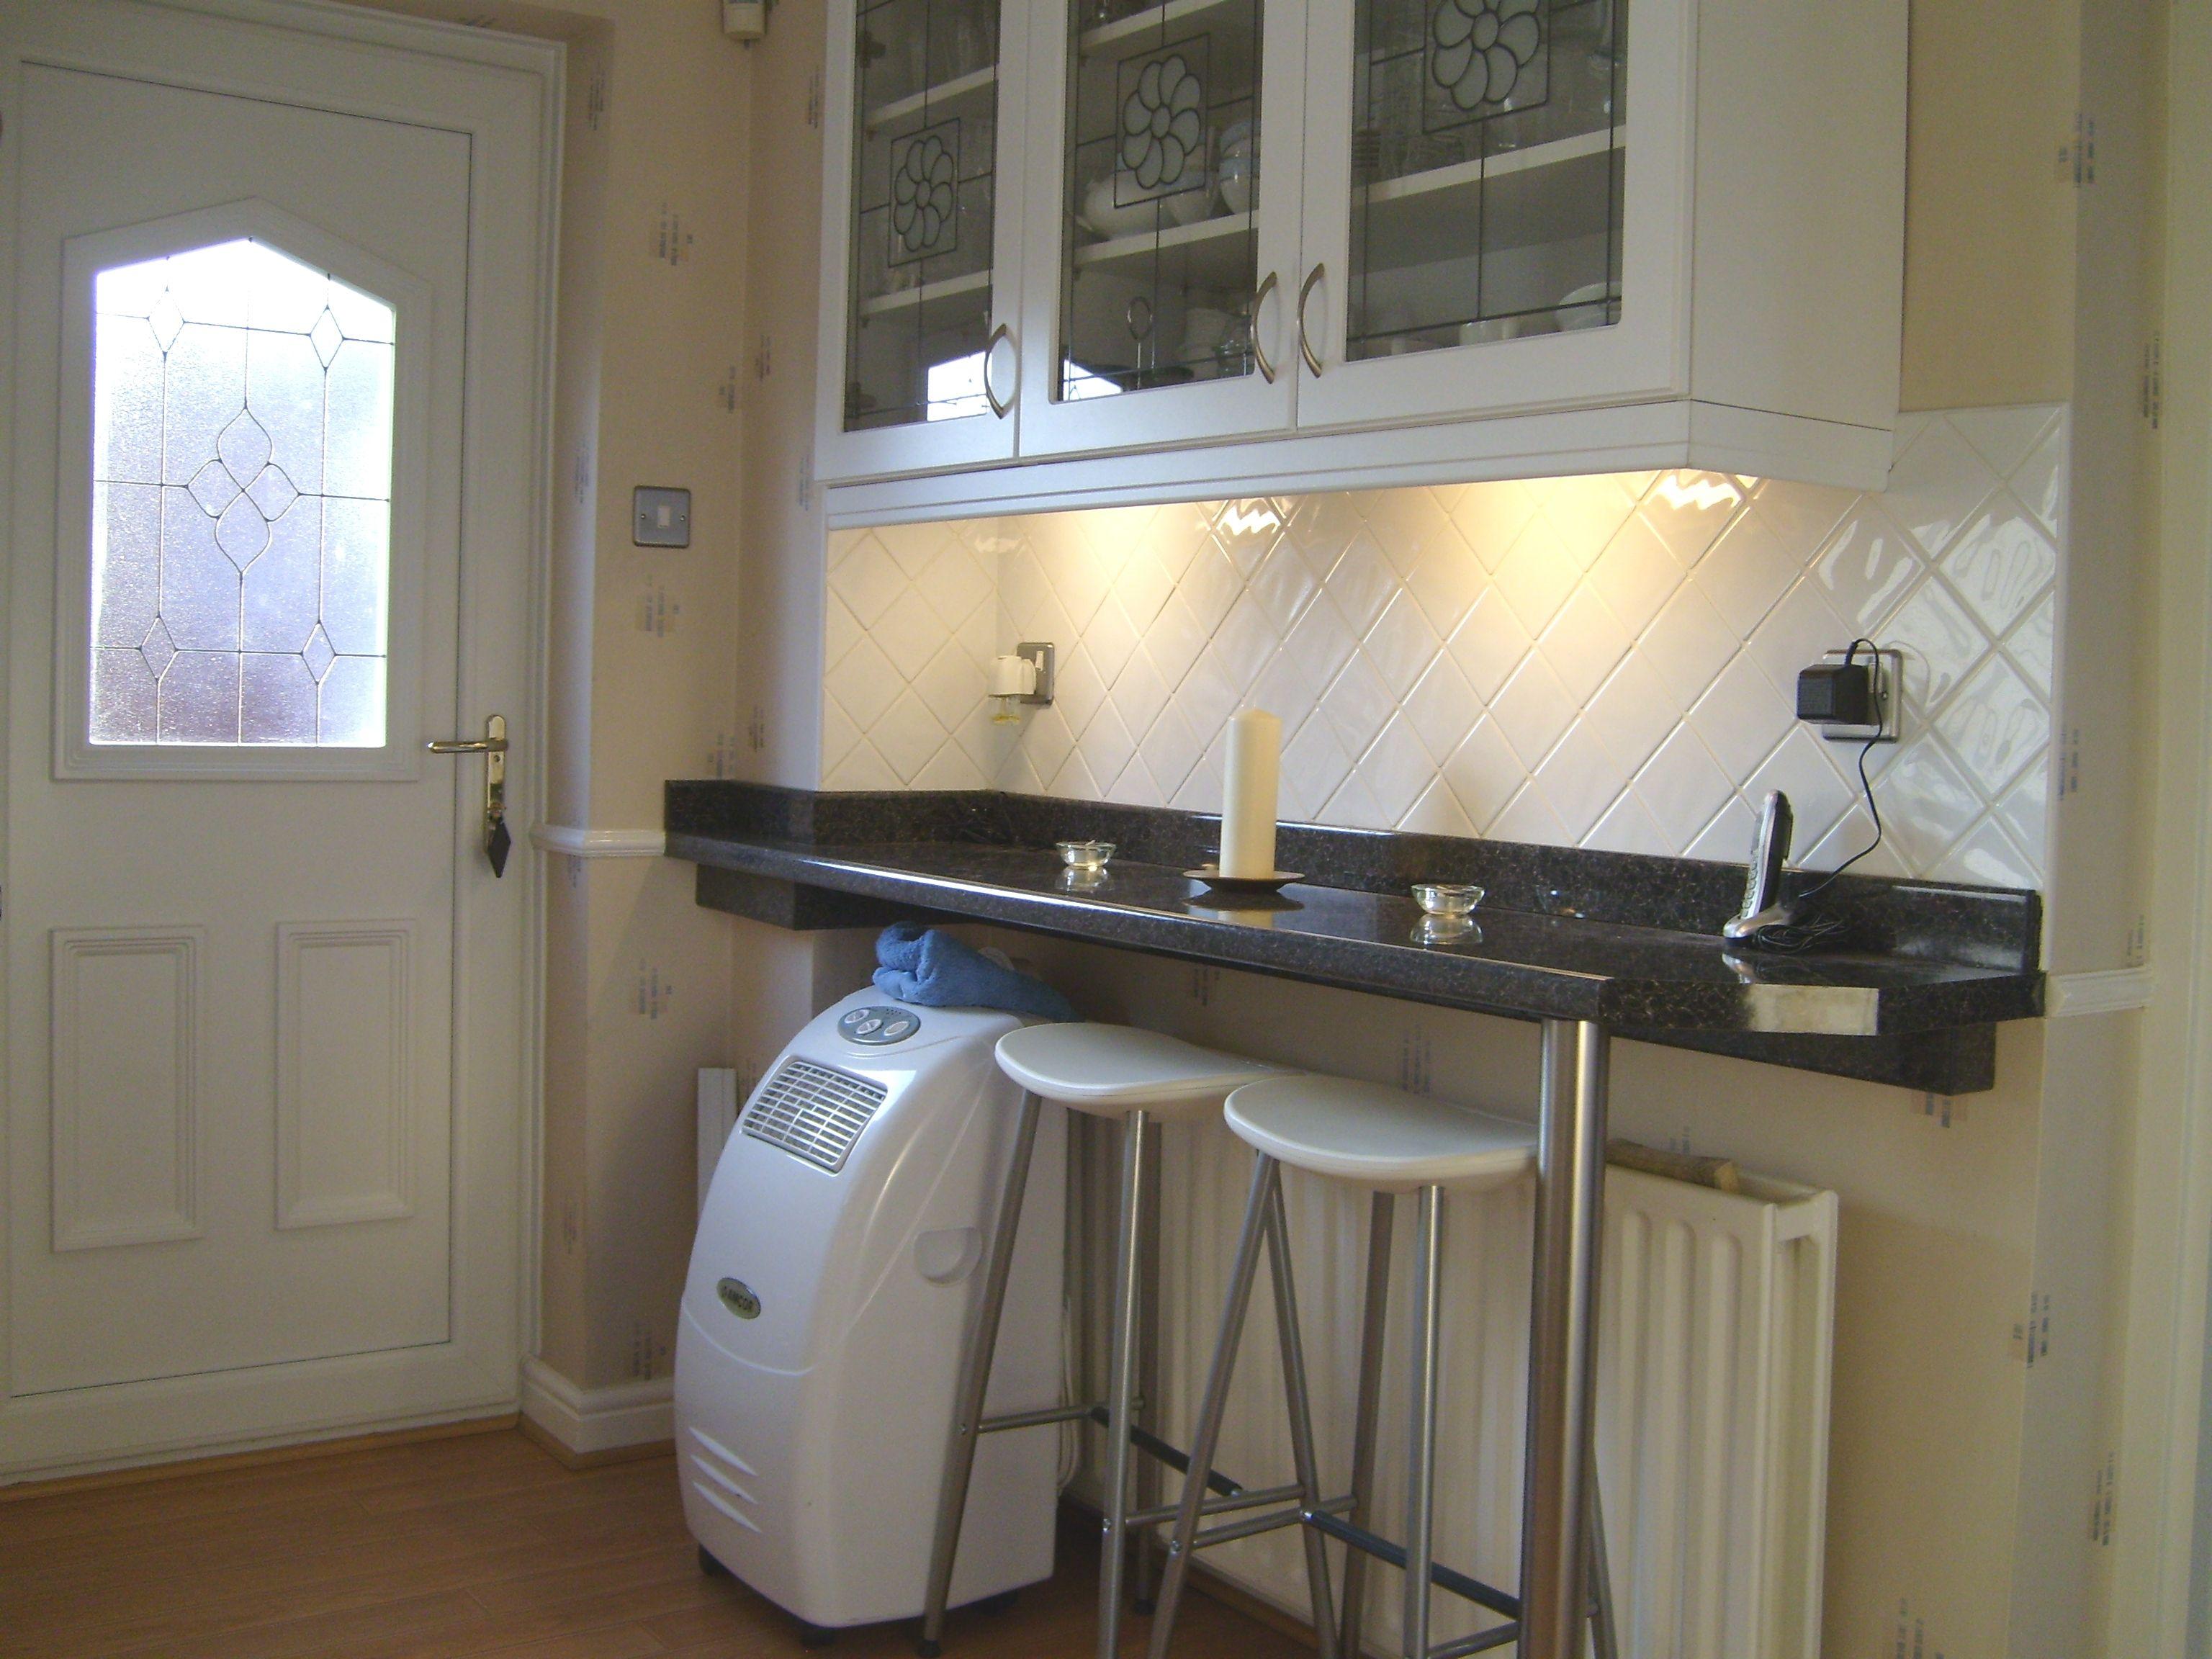 Wall Mounted Kitchen Bar Table Fruhstucksbar Kuche Kuche Mit Theke Kuche Mit Insel